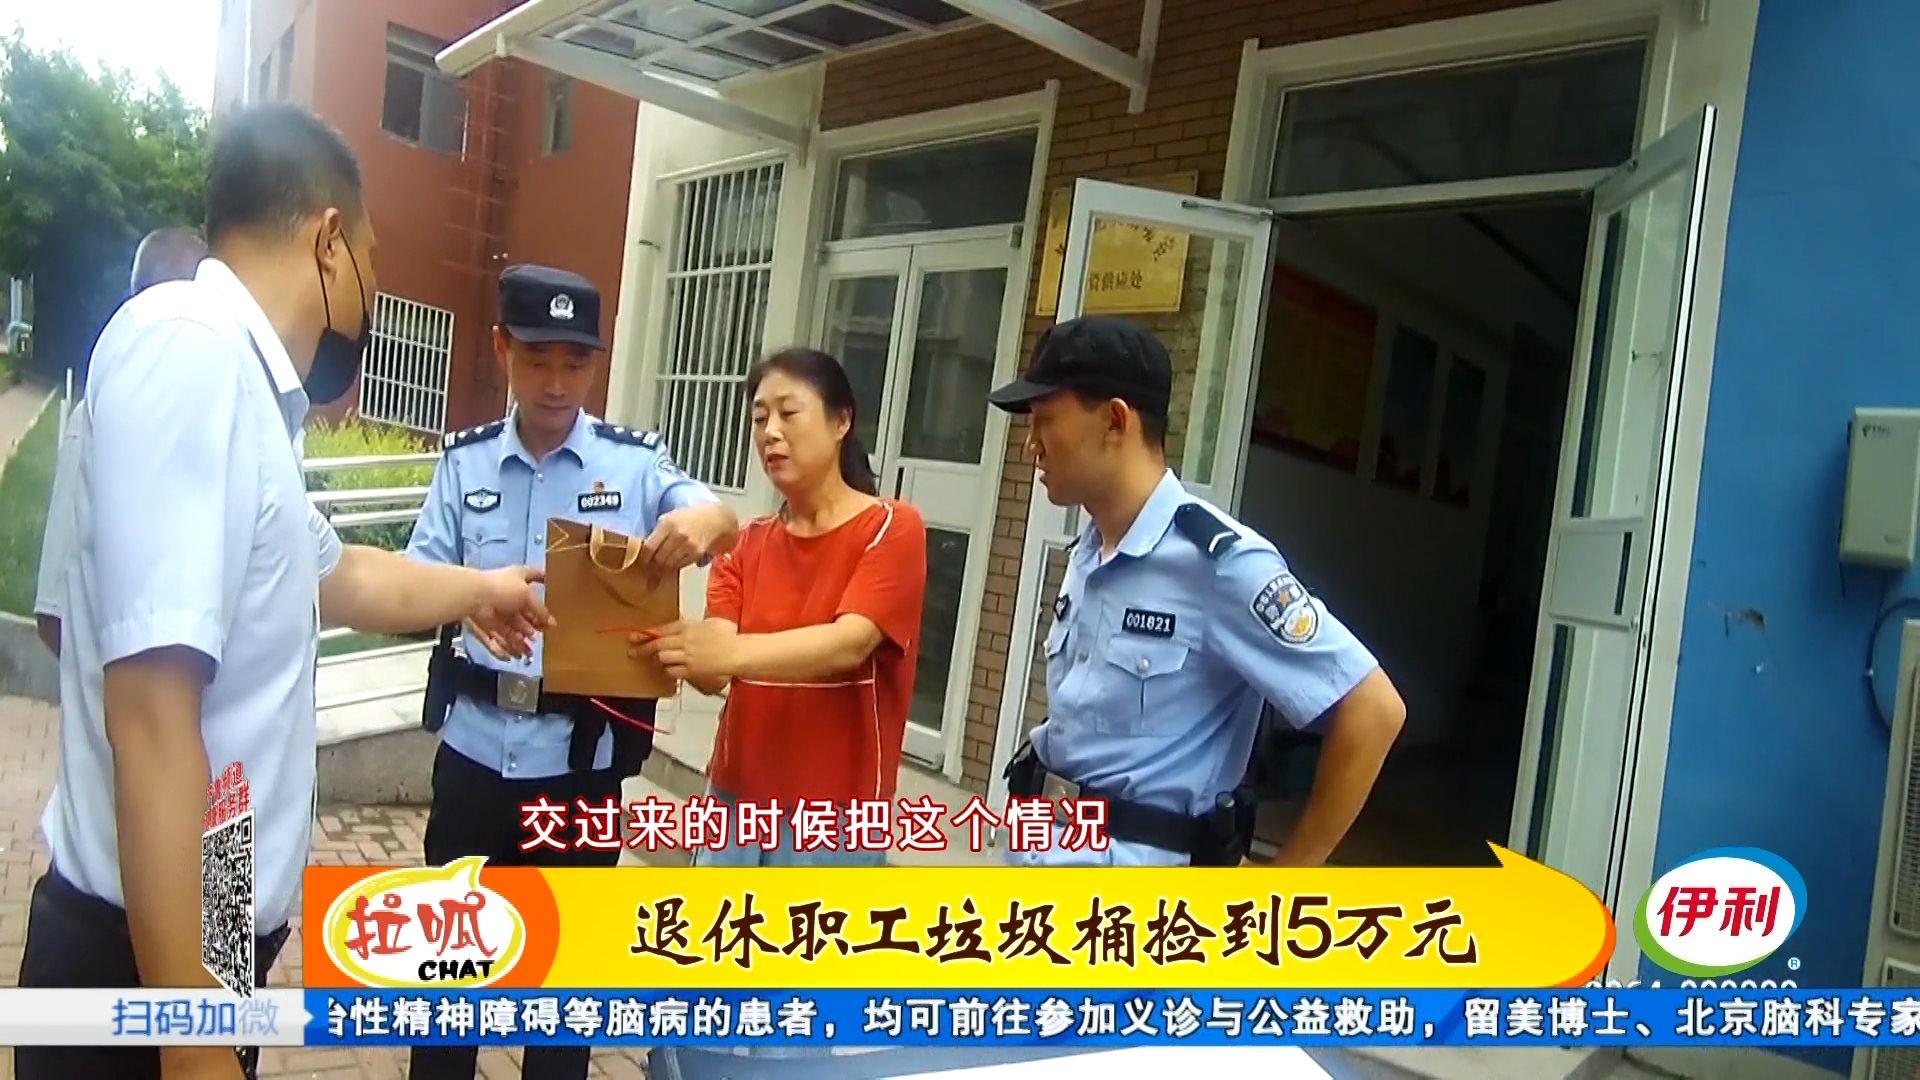 东营:退休职工垃圾桶捡到5万元 